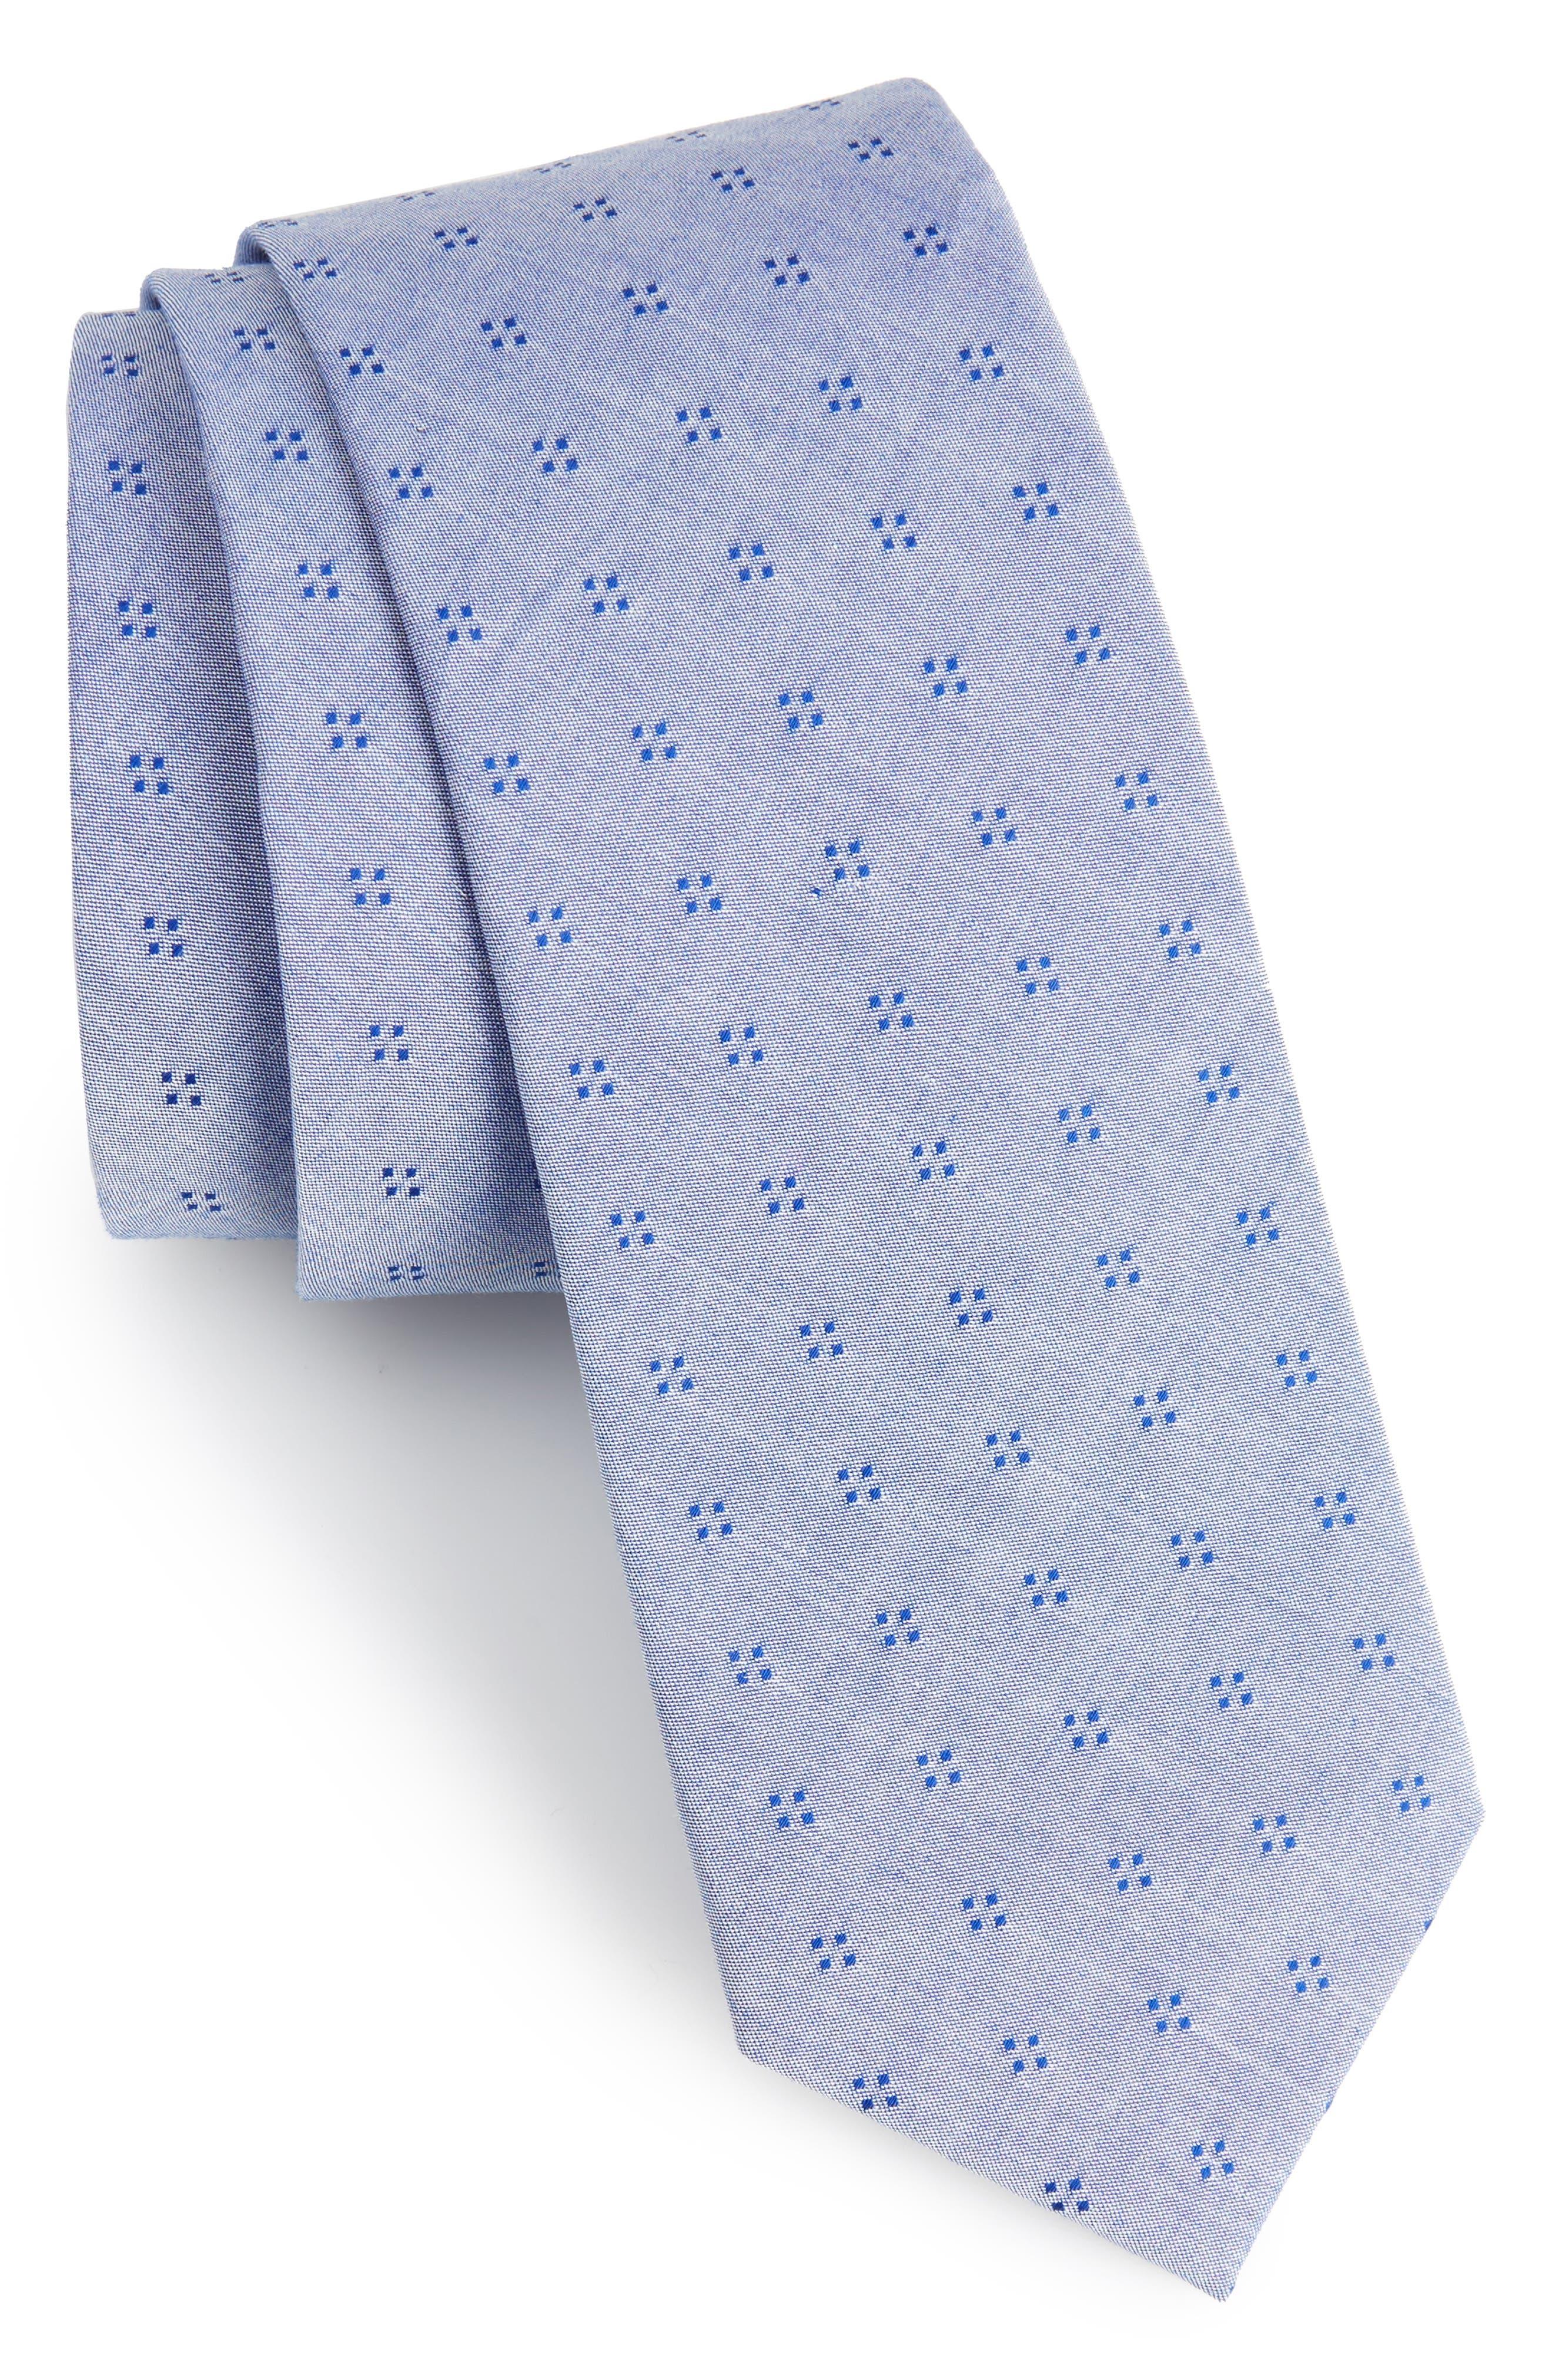 Main Image - 1901 Indigo Neat Cotton Skinny Tie